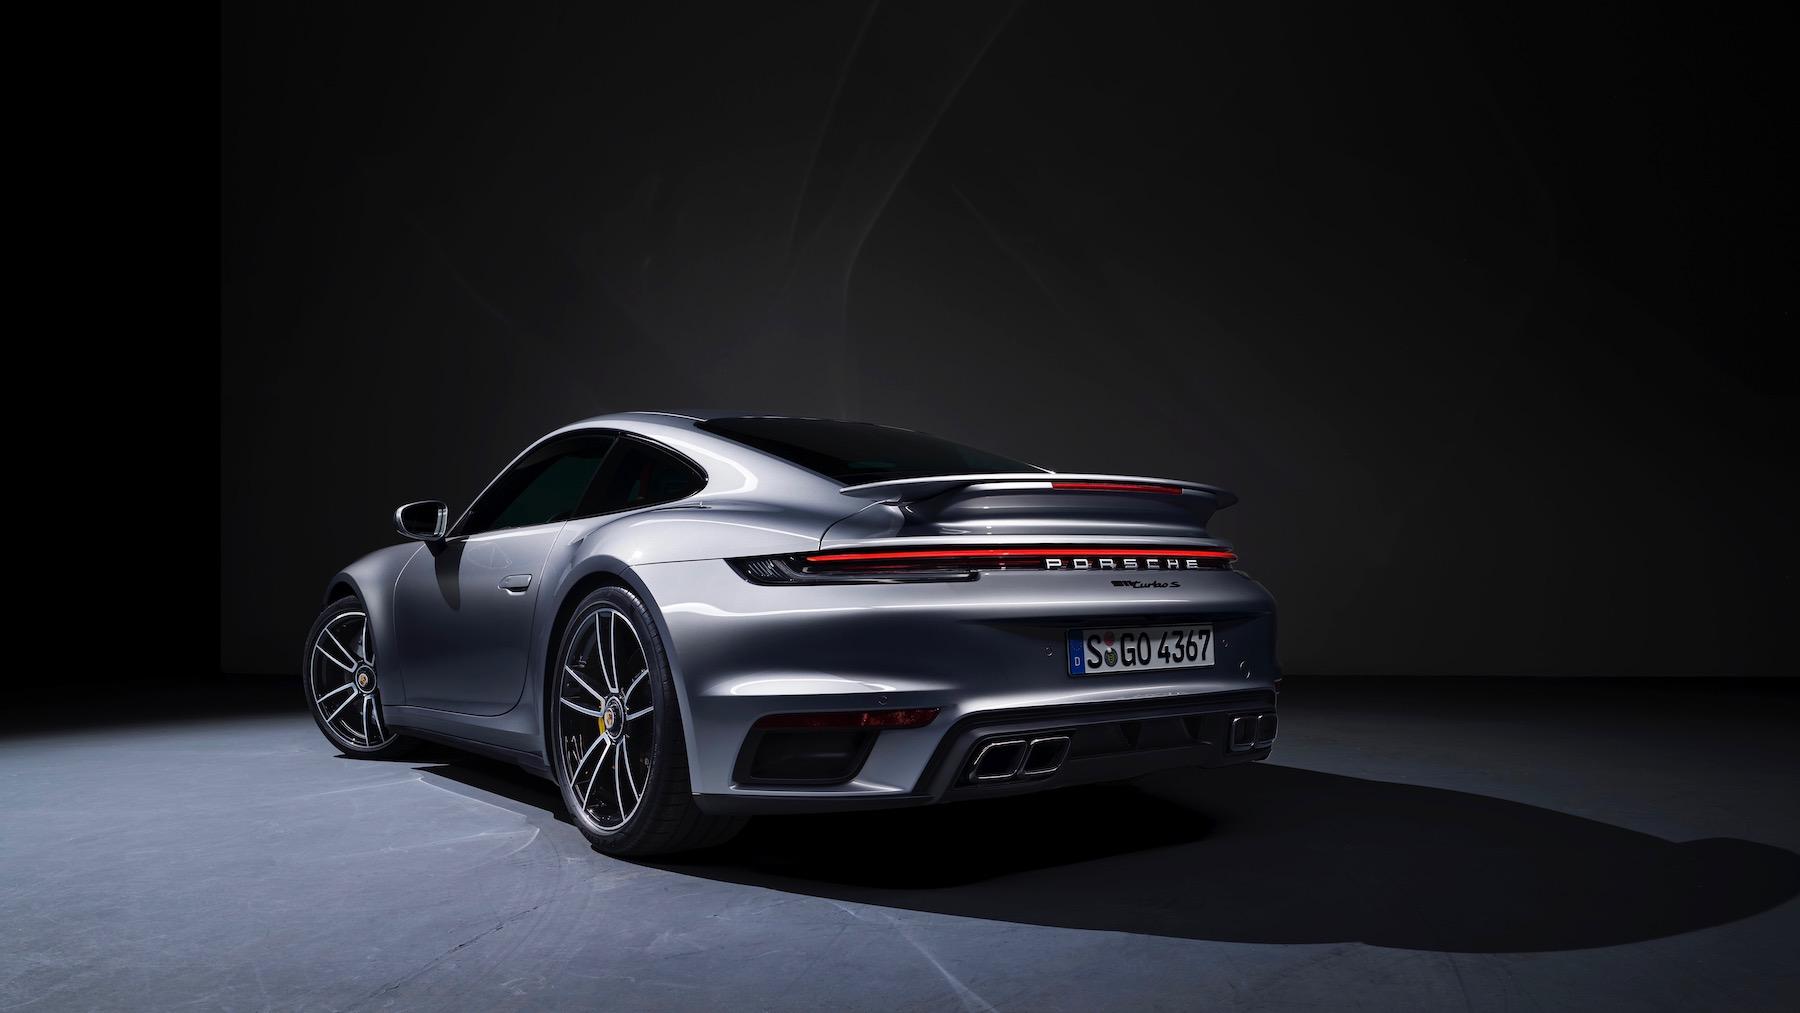 Porsche präsentiert die neue Generation des 911 Turbo S 5